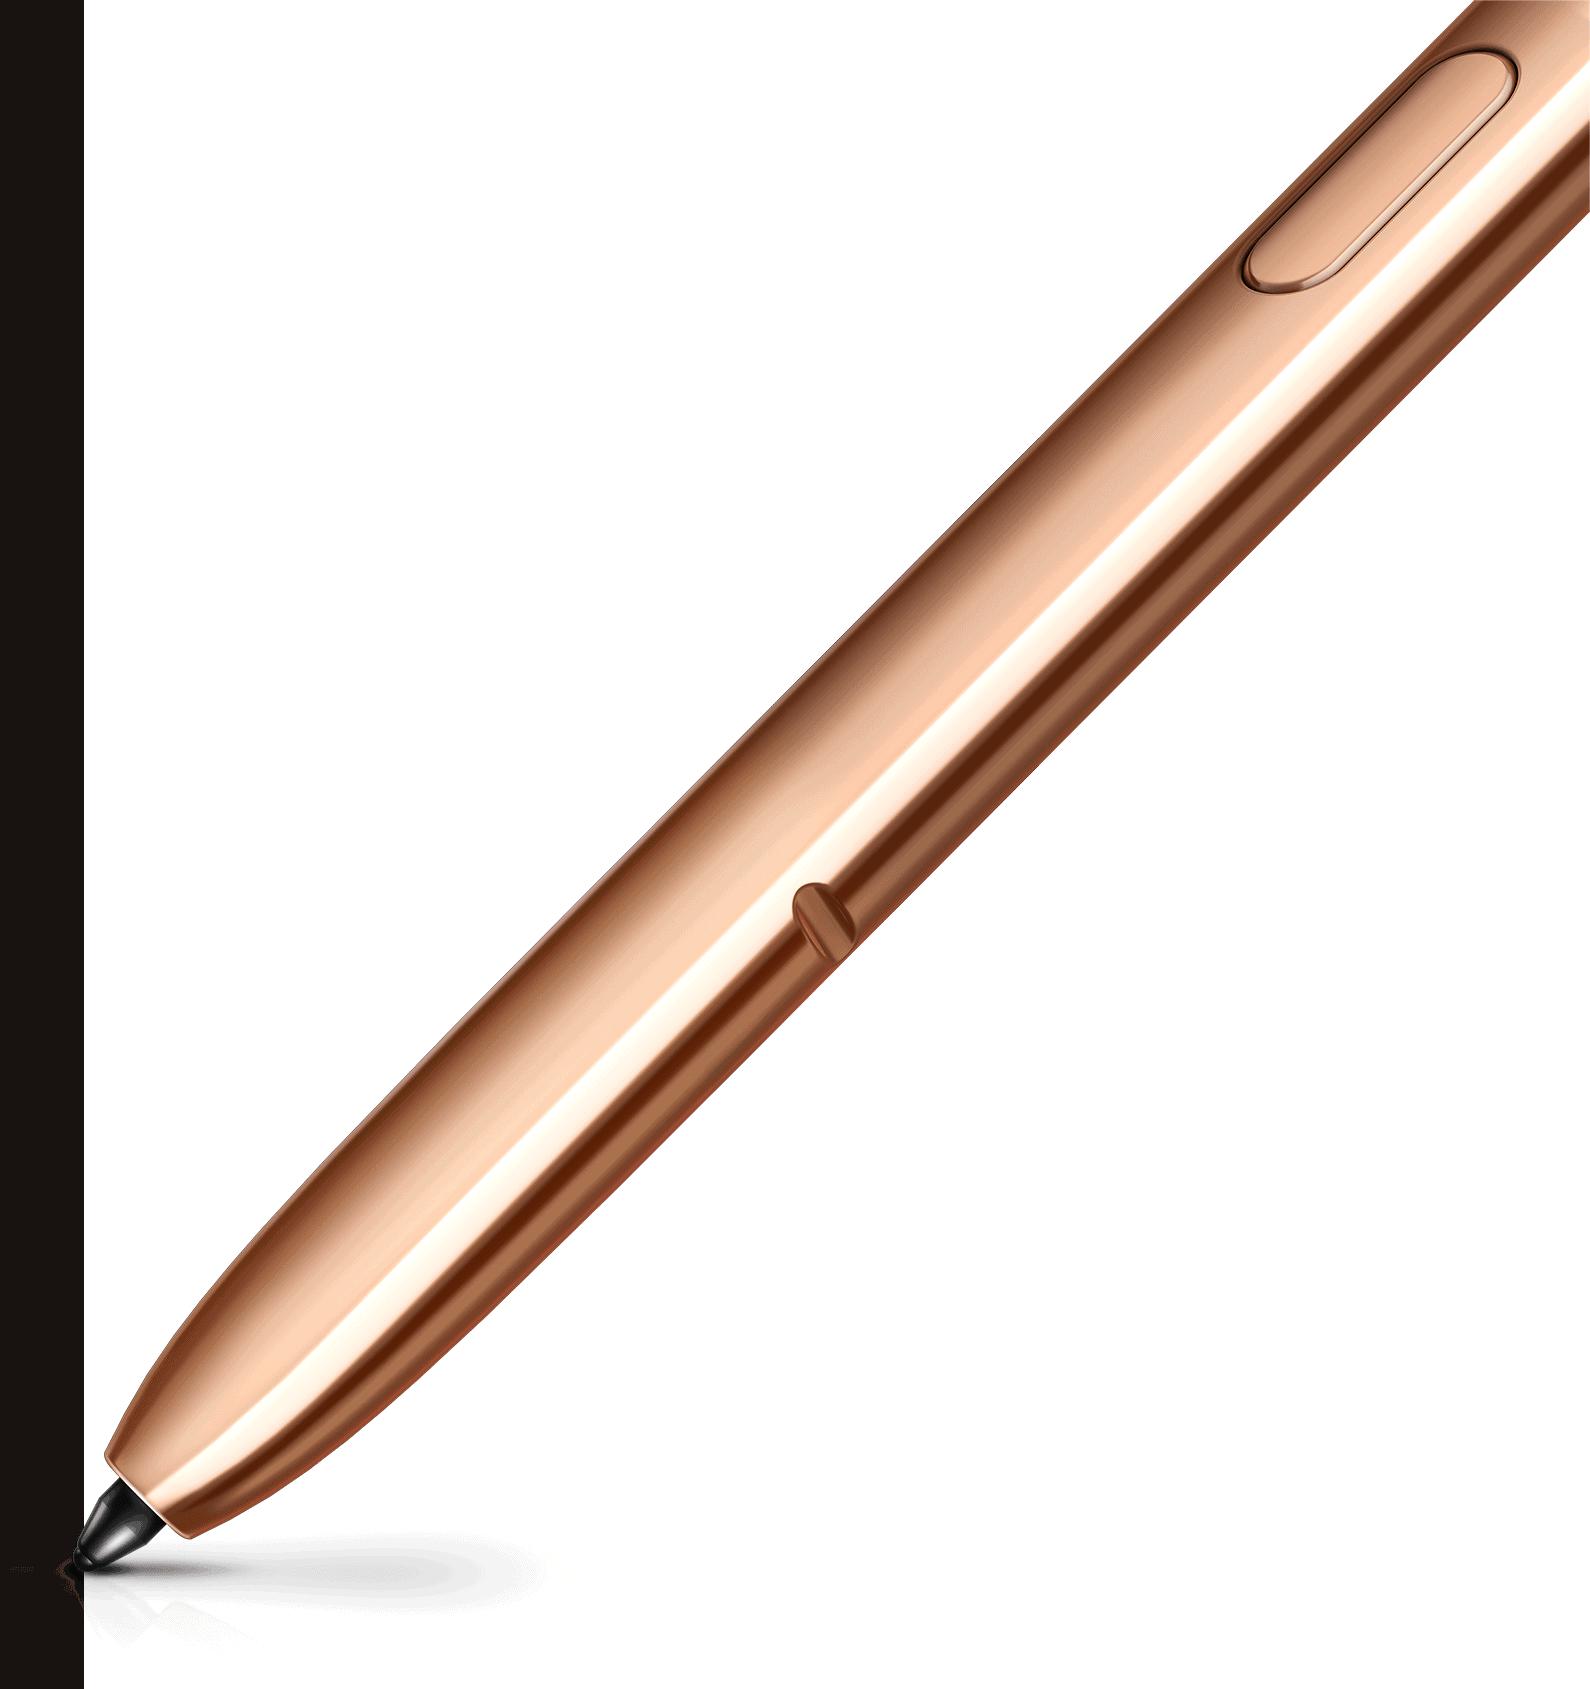 S Pen pisalo Galaxy Note20 ultra